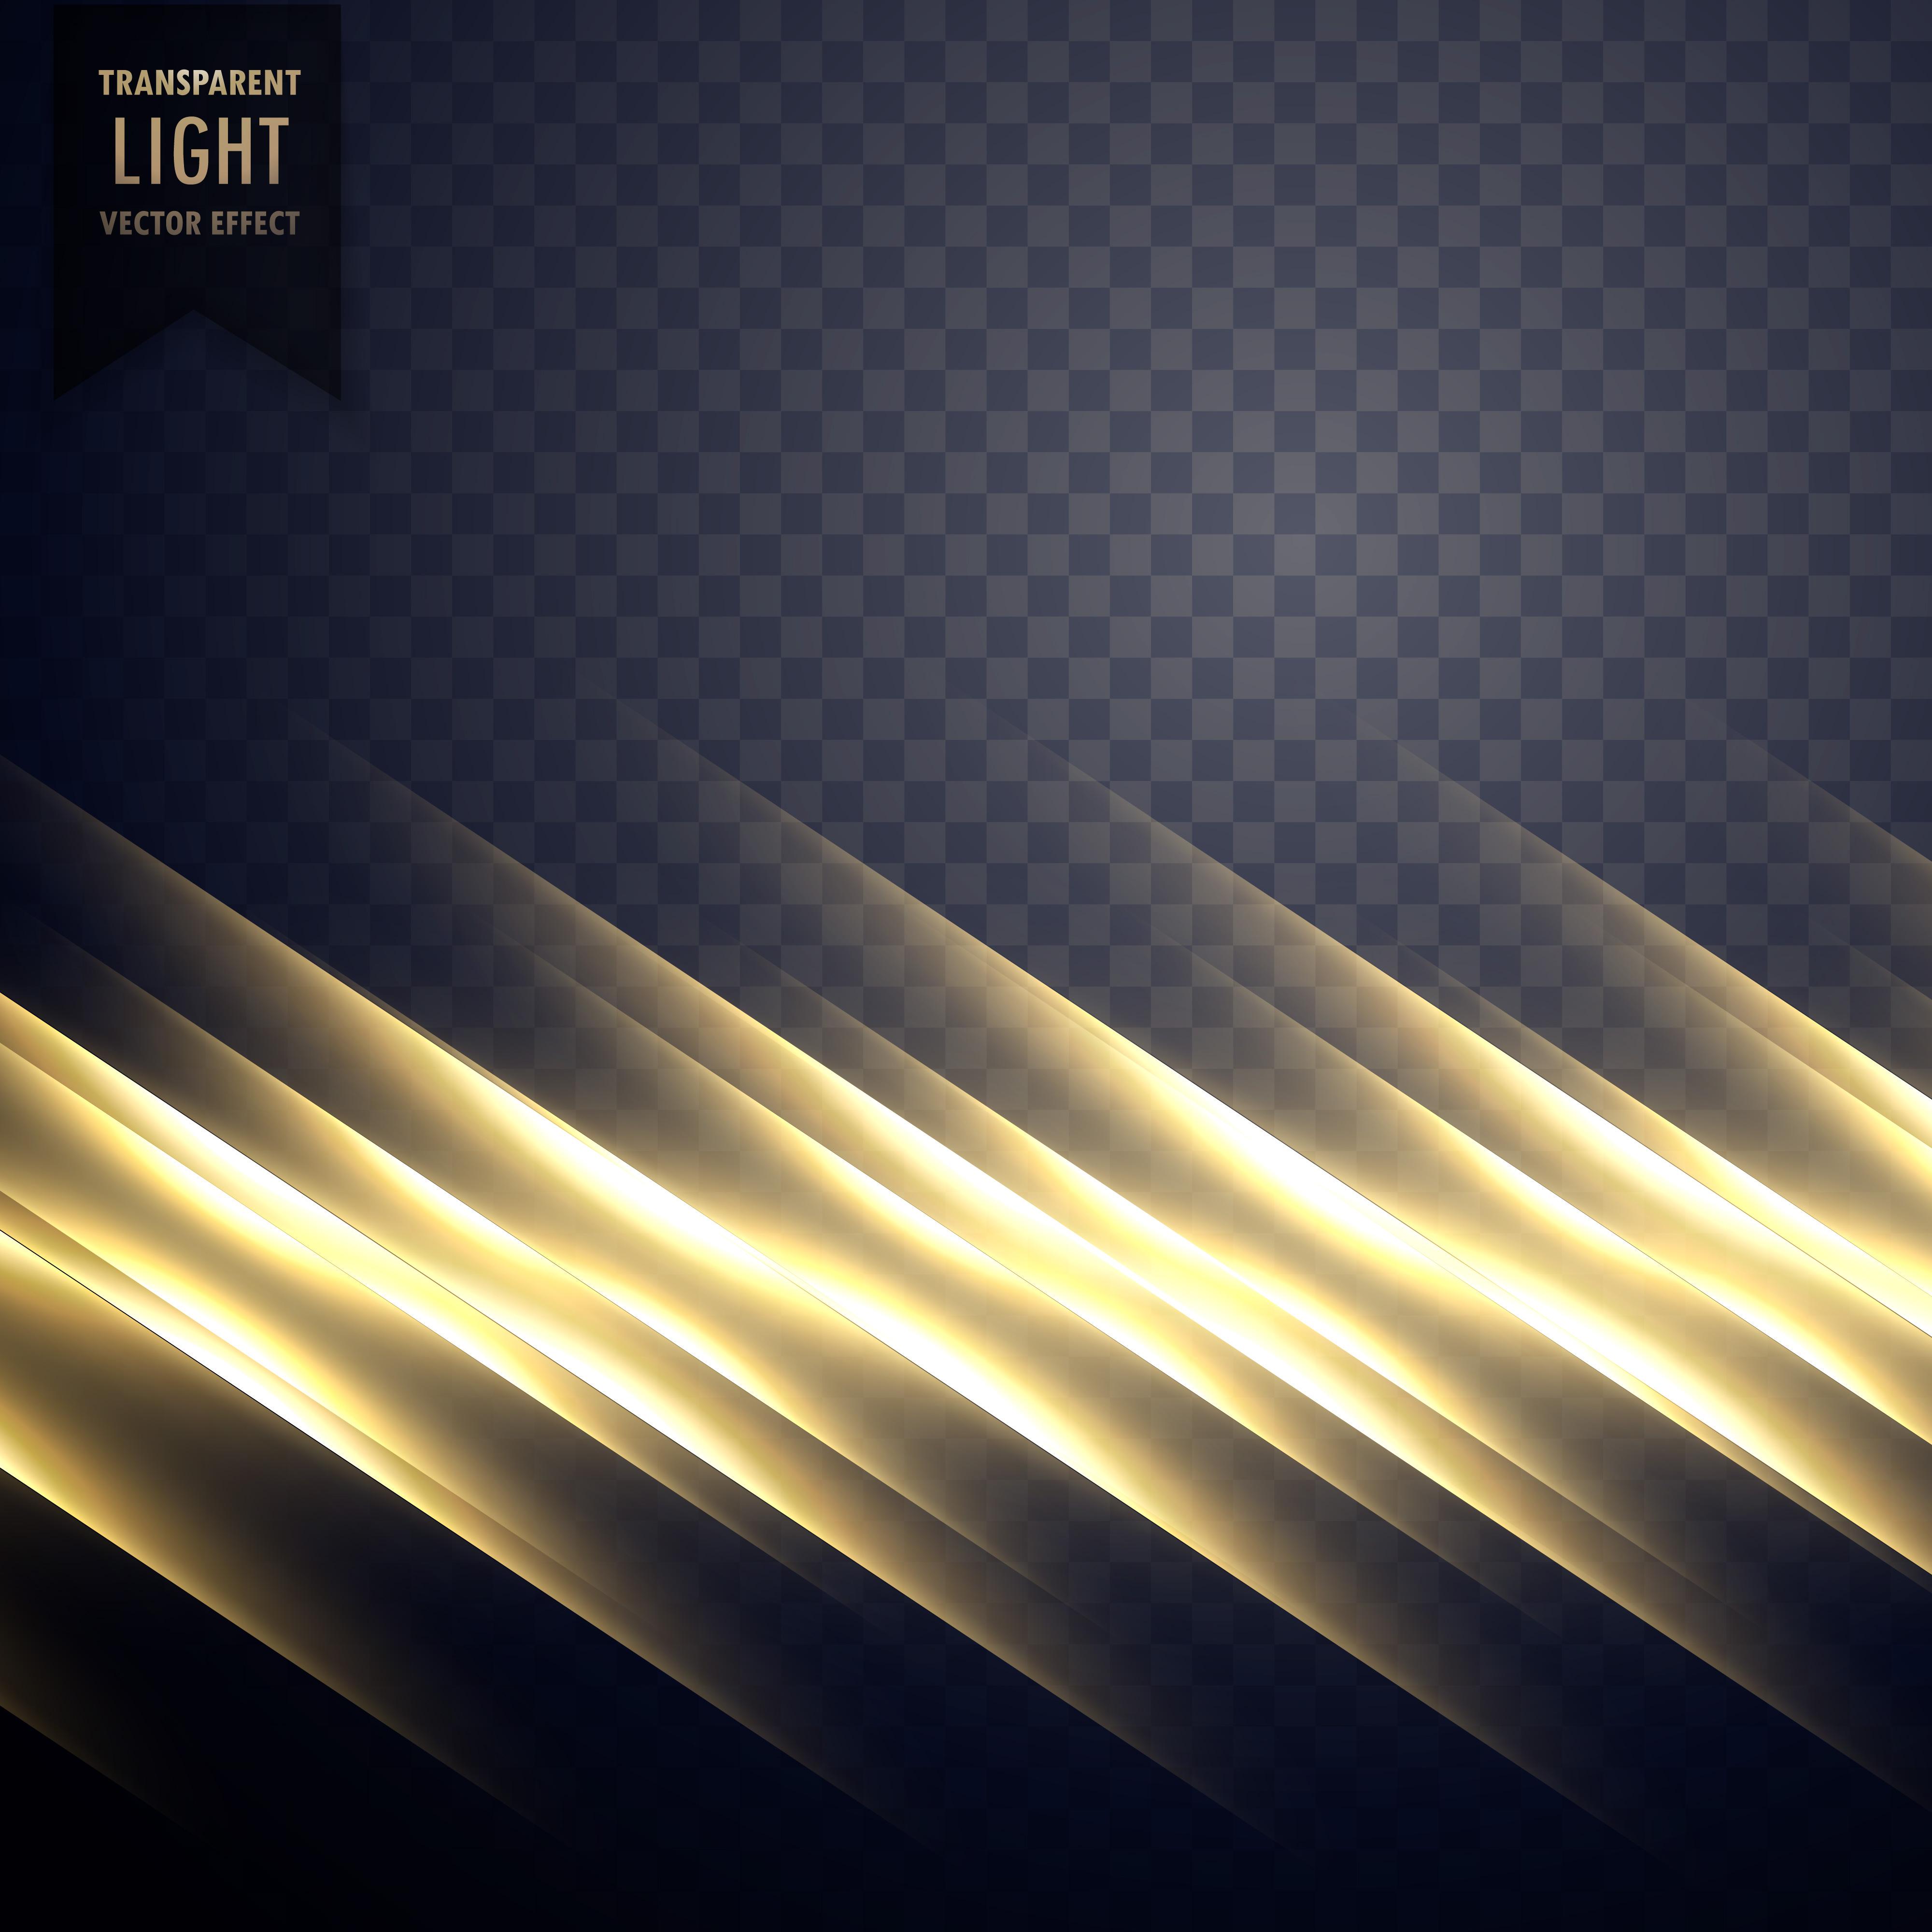 Elegant Golden Light Line Effect Background Download